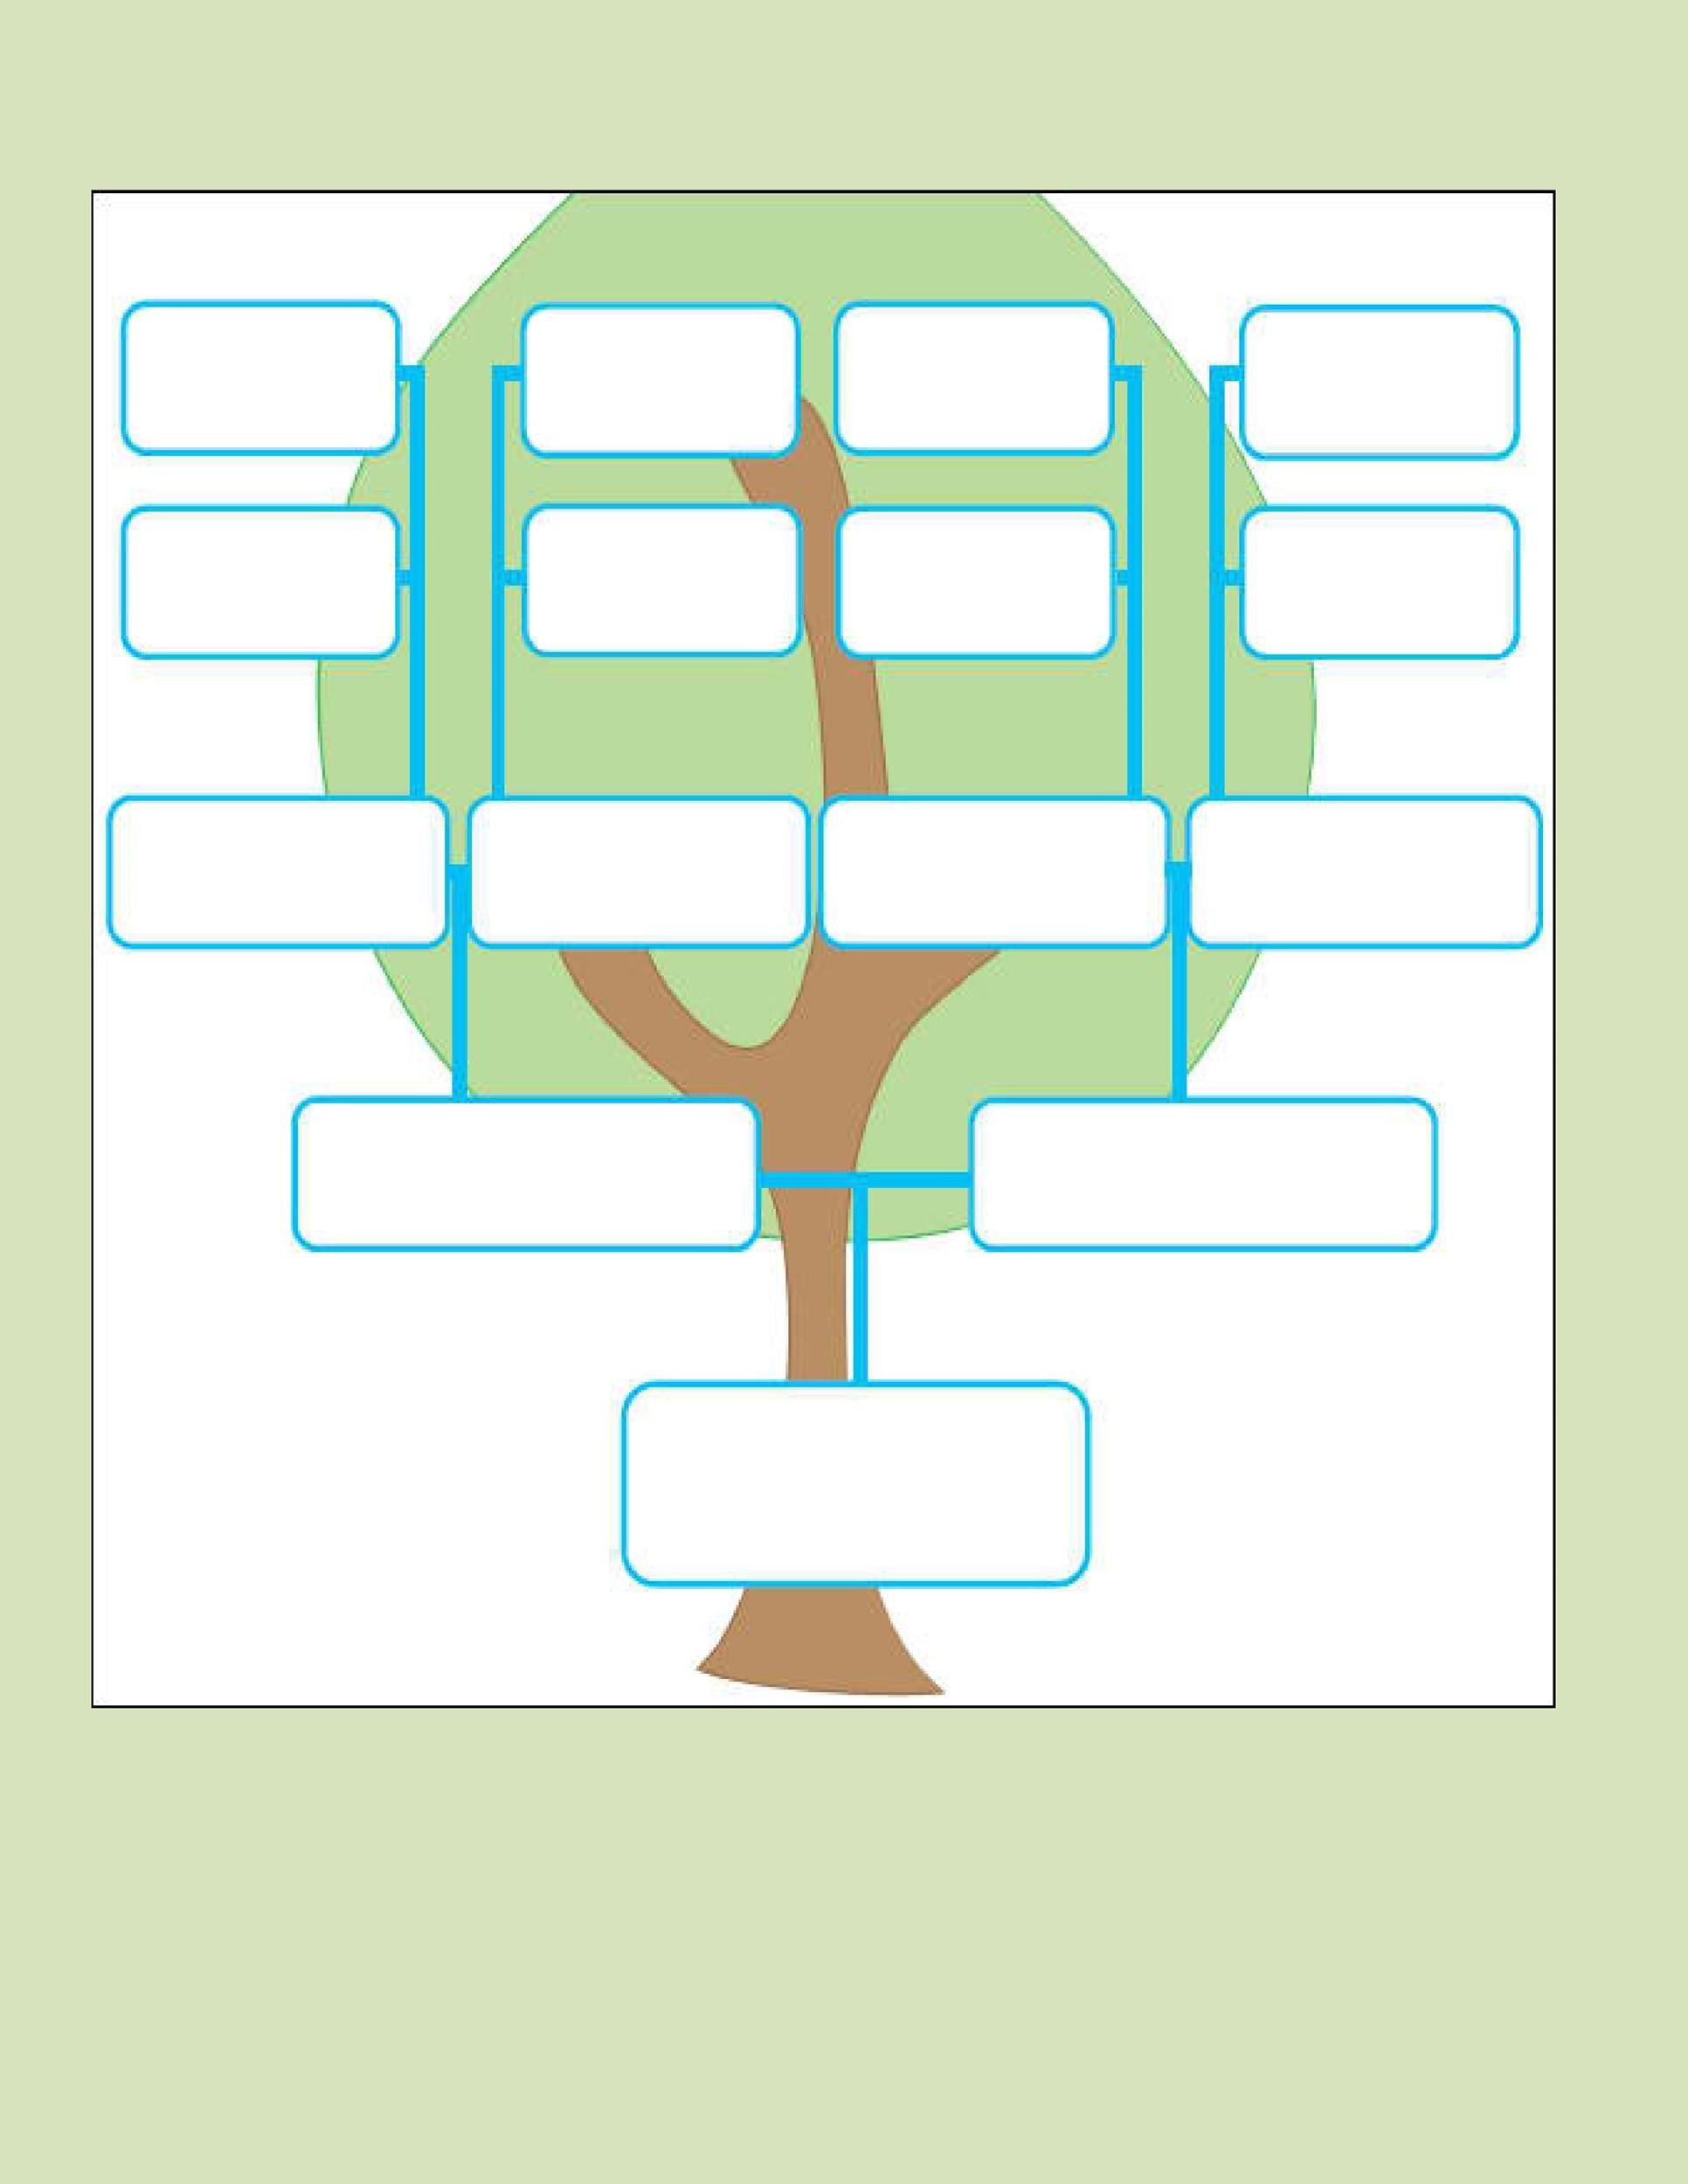 Free Genogram Template 23